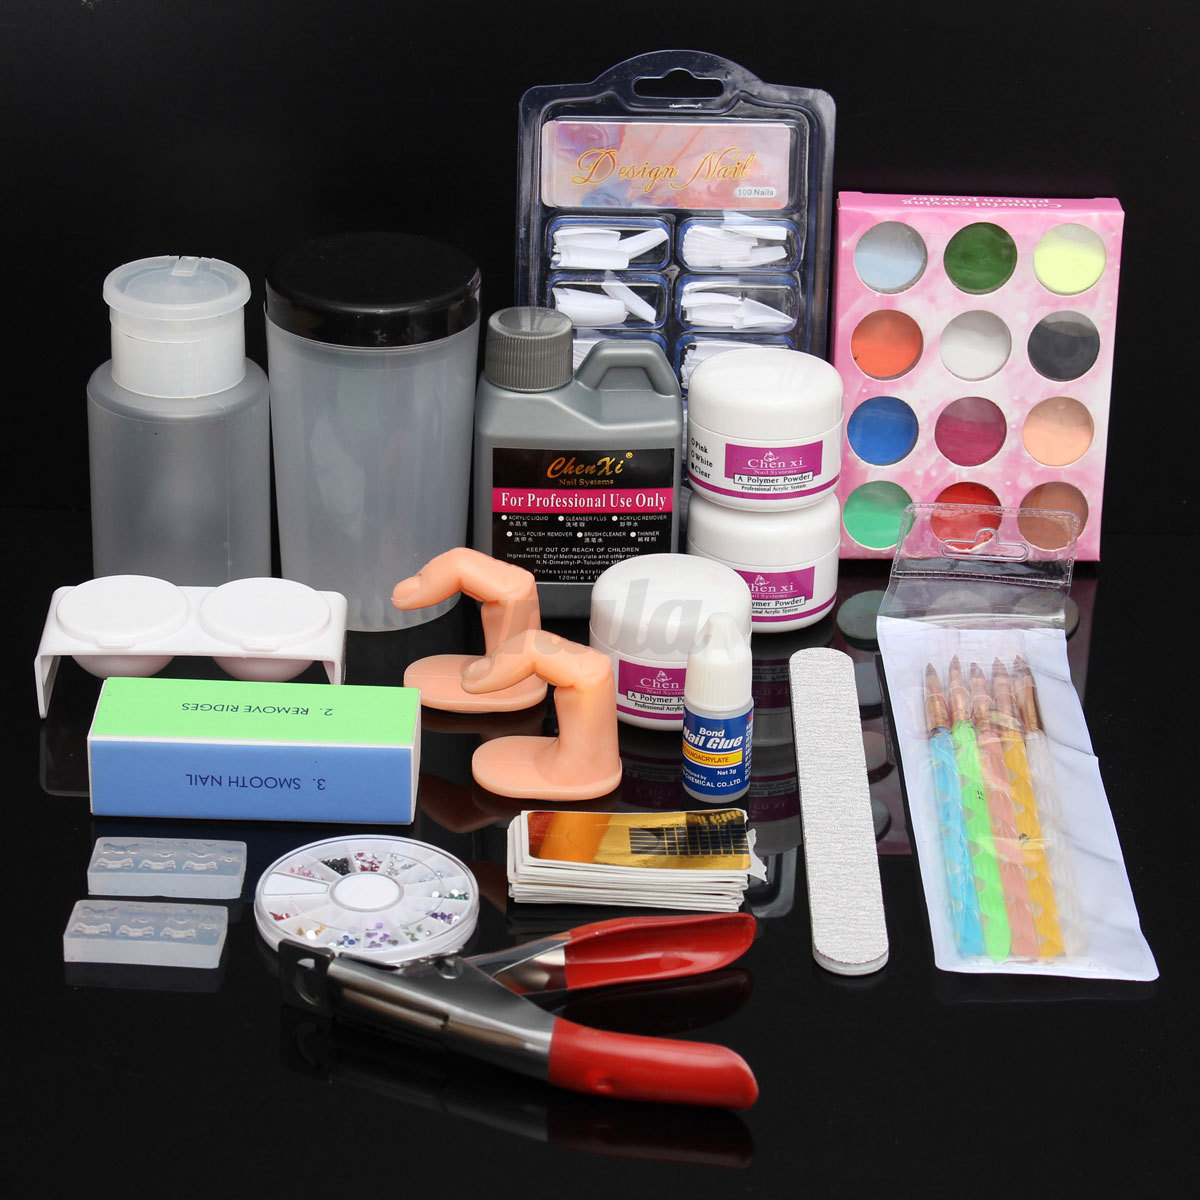 kit farben starter set uv gel nagelset glitter puder. Black Bedroom Furniture Sets. Home Design Ideas